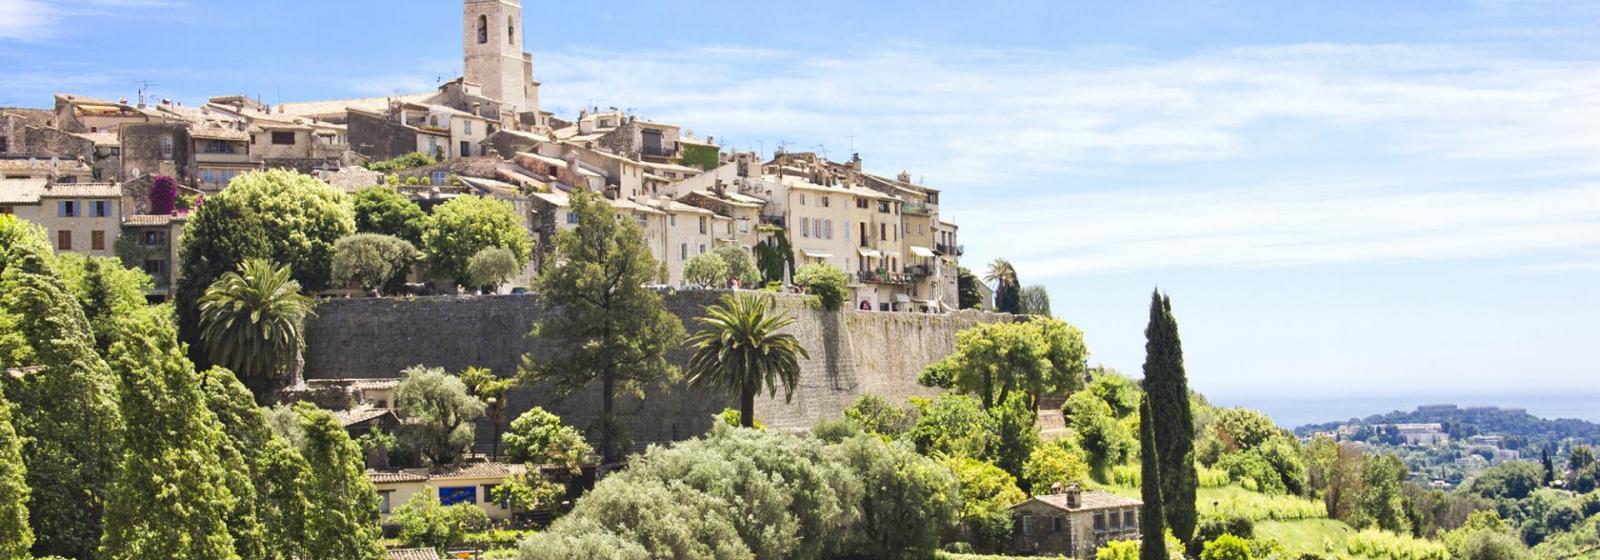 Saint Paul De Vence Art 4 star campsite st paul de vence | tourism, holiday rental